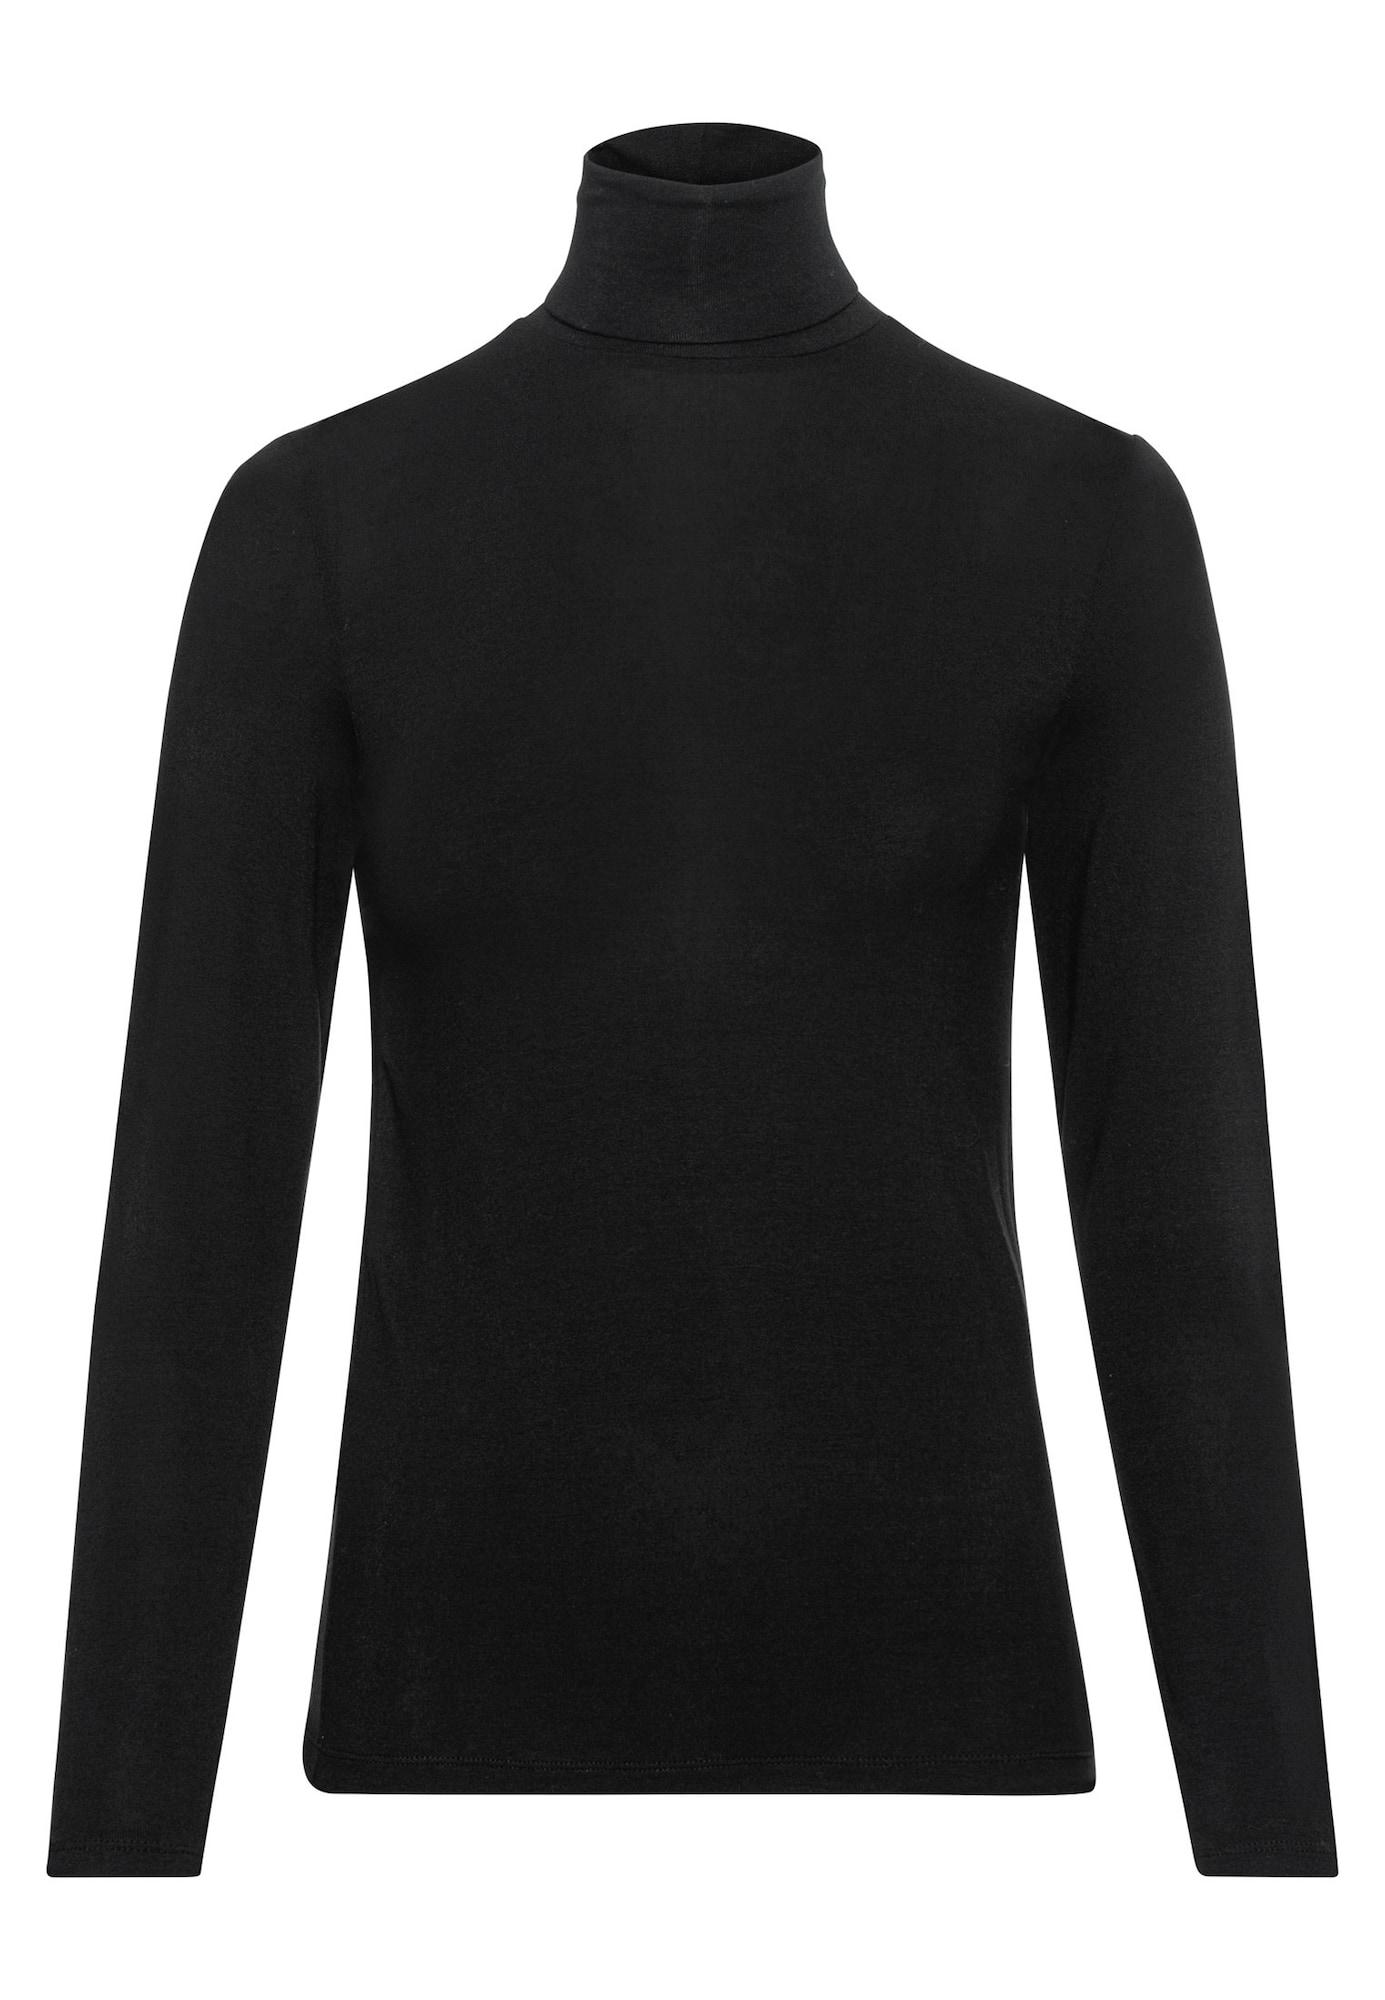 Rollkragenshirt | Bekleidung > Shirts > Rollkragenshirts | HALLHUBER